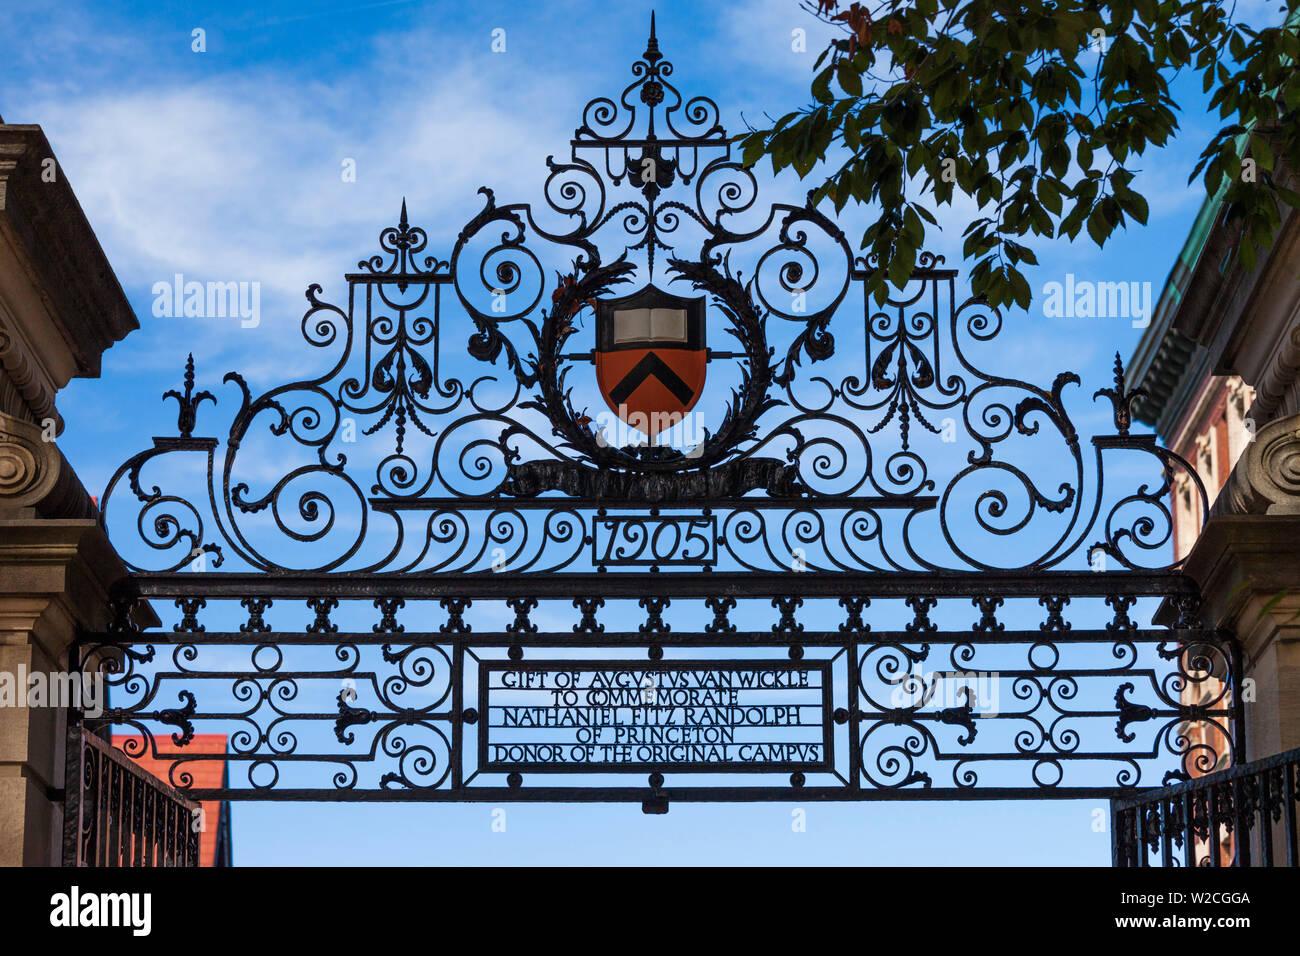 Los Estados Unidos, Nueva Jersey, la Universidad de Princeton, Princeton, campus gate detalle Imagen De Stock